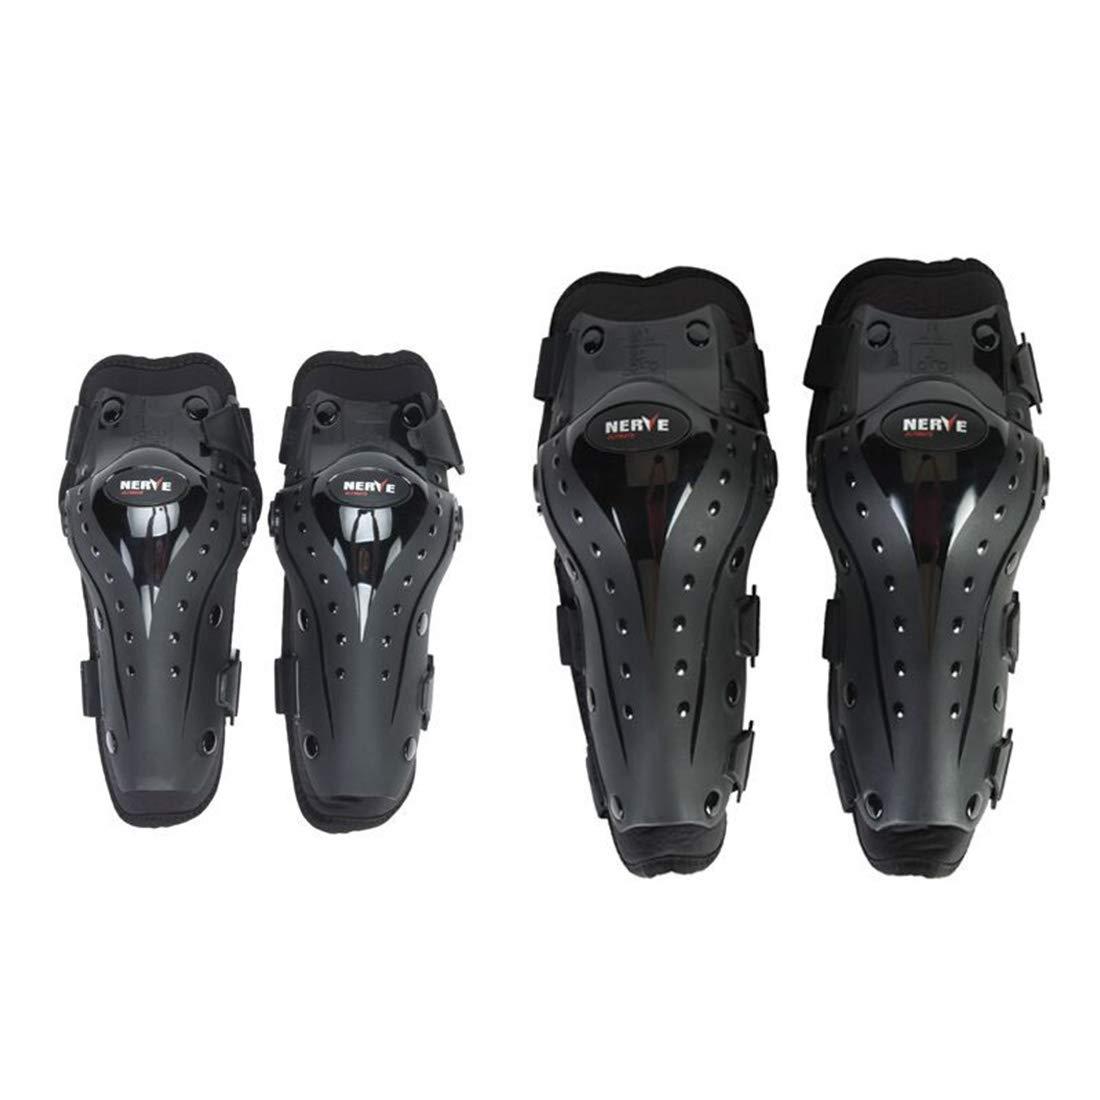 Keriya Sende 膝プロテクターオートバイの肘と膝パッドモトクロスサイクリングプロテクターガードアーマーセット用サイクリングスケートスキー乗馬 - 4本 (サイズ : One set) B07SW9L9JV  One set